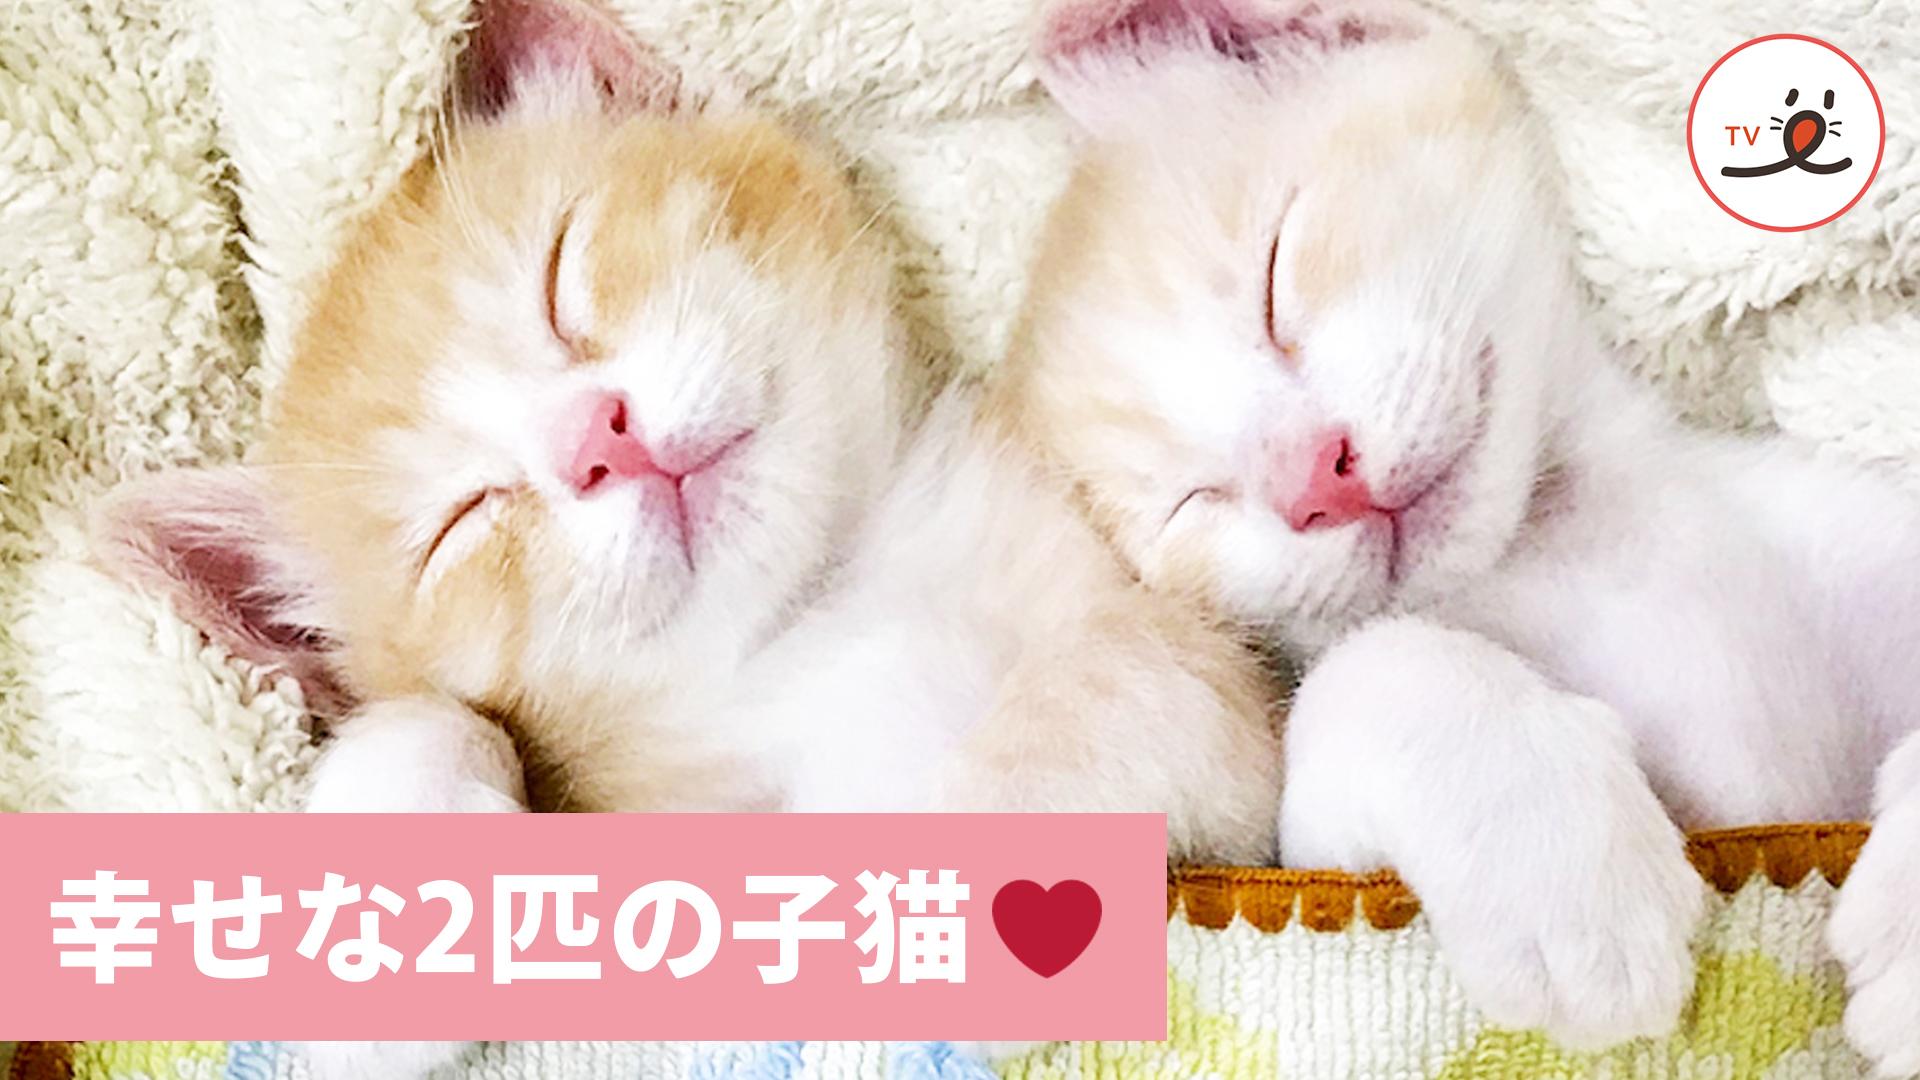 2匹の子猫を迎えました🐱 7匹の保護猫たちの新たな物語❤️